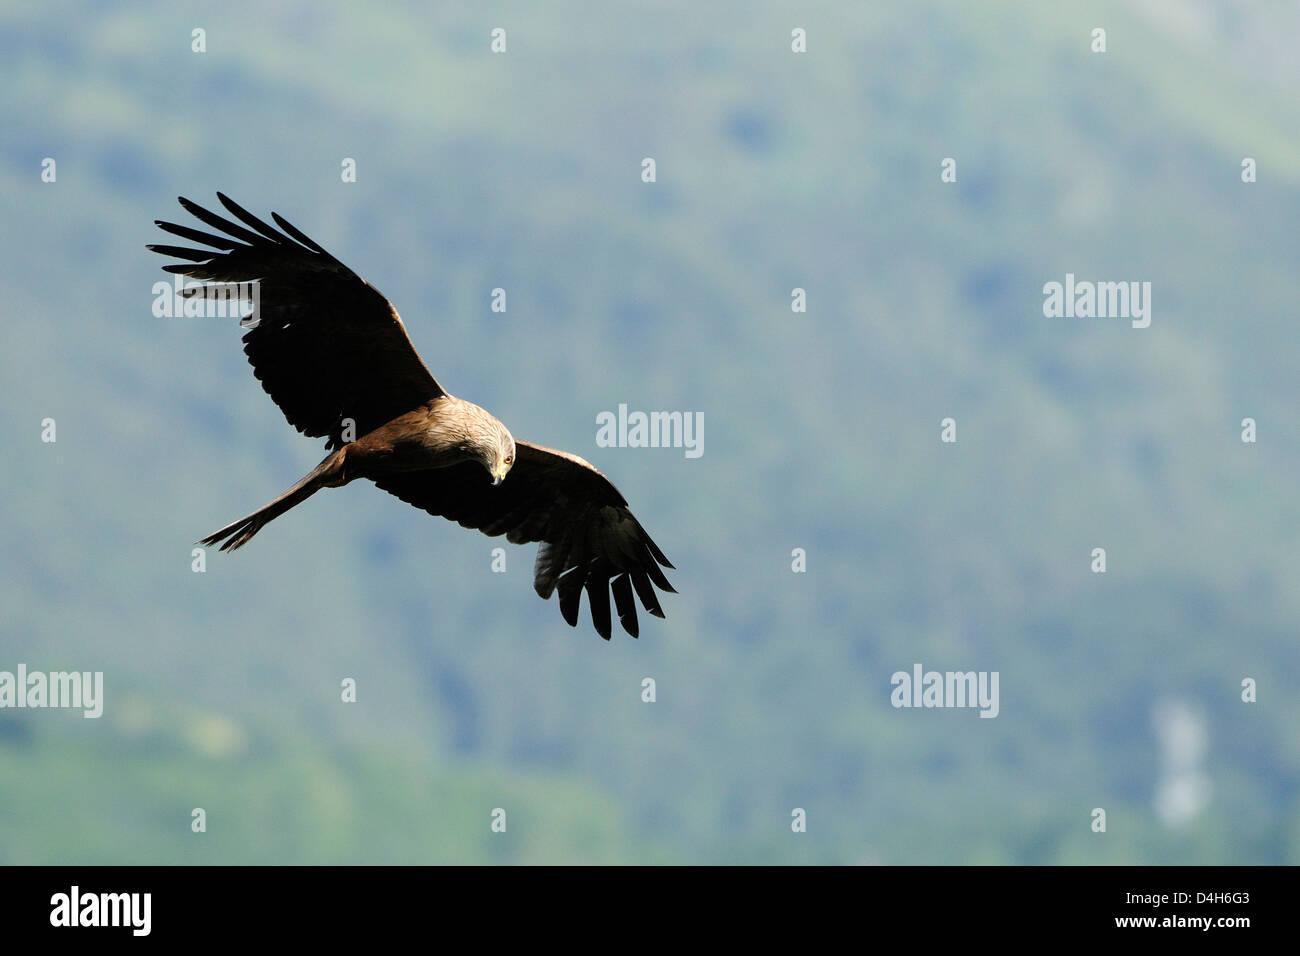 Milan noir (Milvus migrans) dans la chasse au vol de passereaux, Luz Saint Sauveur, Haute-Pyrenees, France Banque D'Images